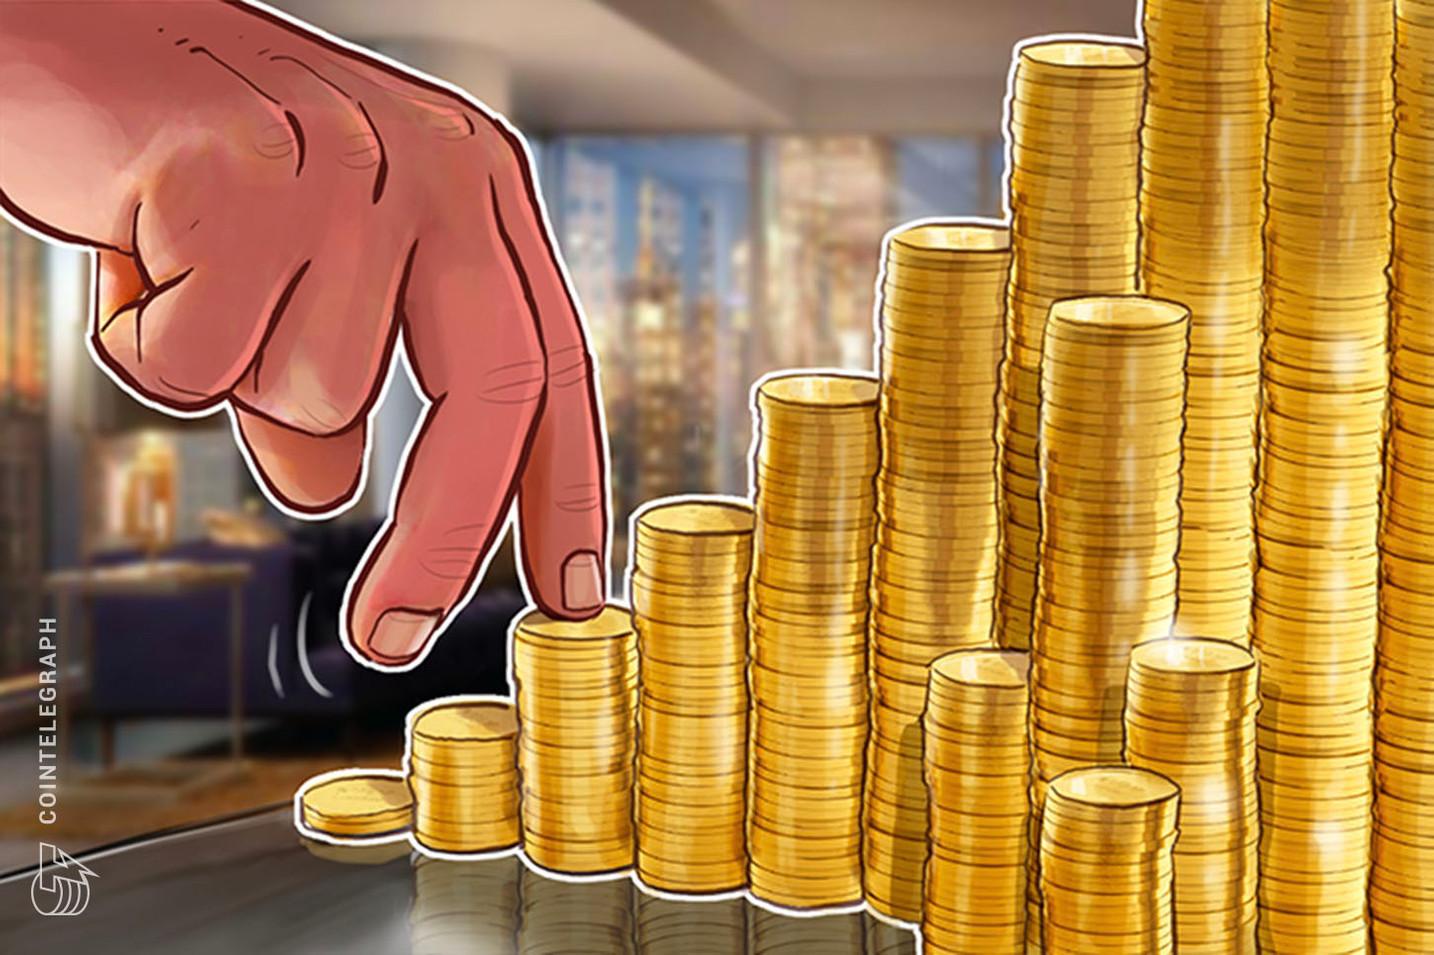 La empresa de gestión de activos Northern Trust iniciará el negocio de cripto custodia